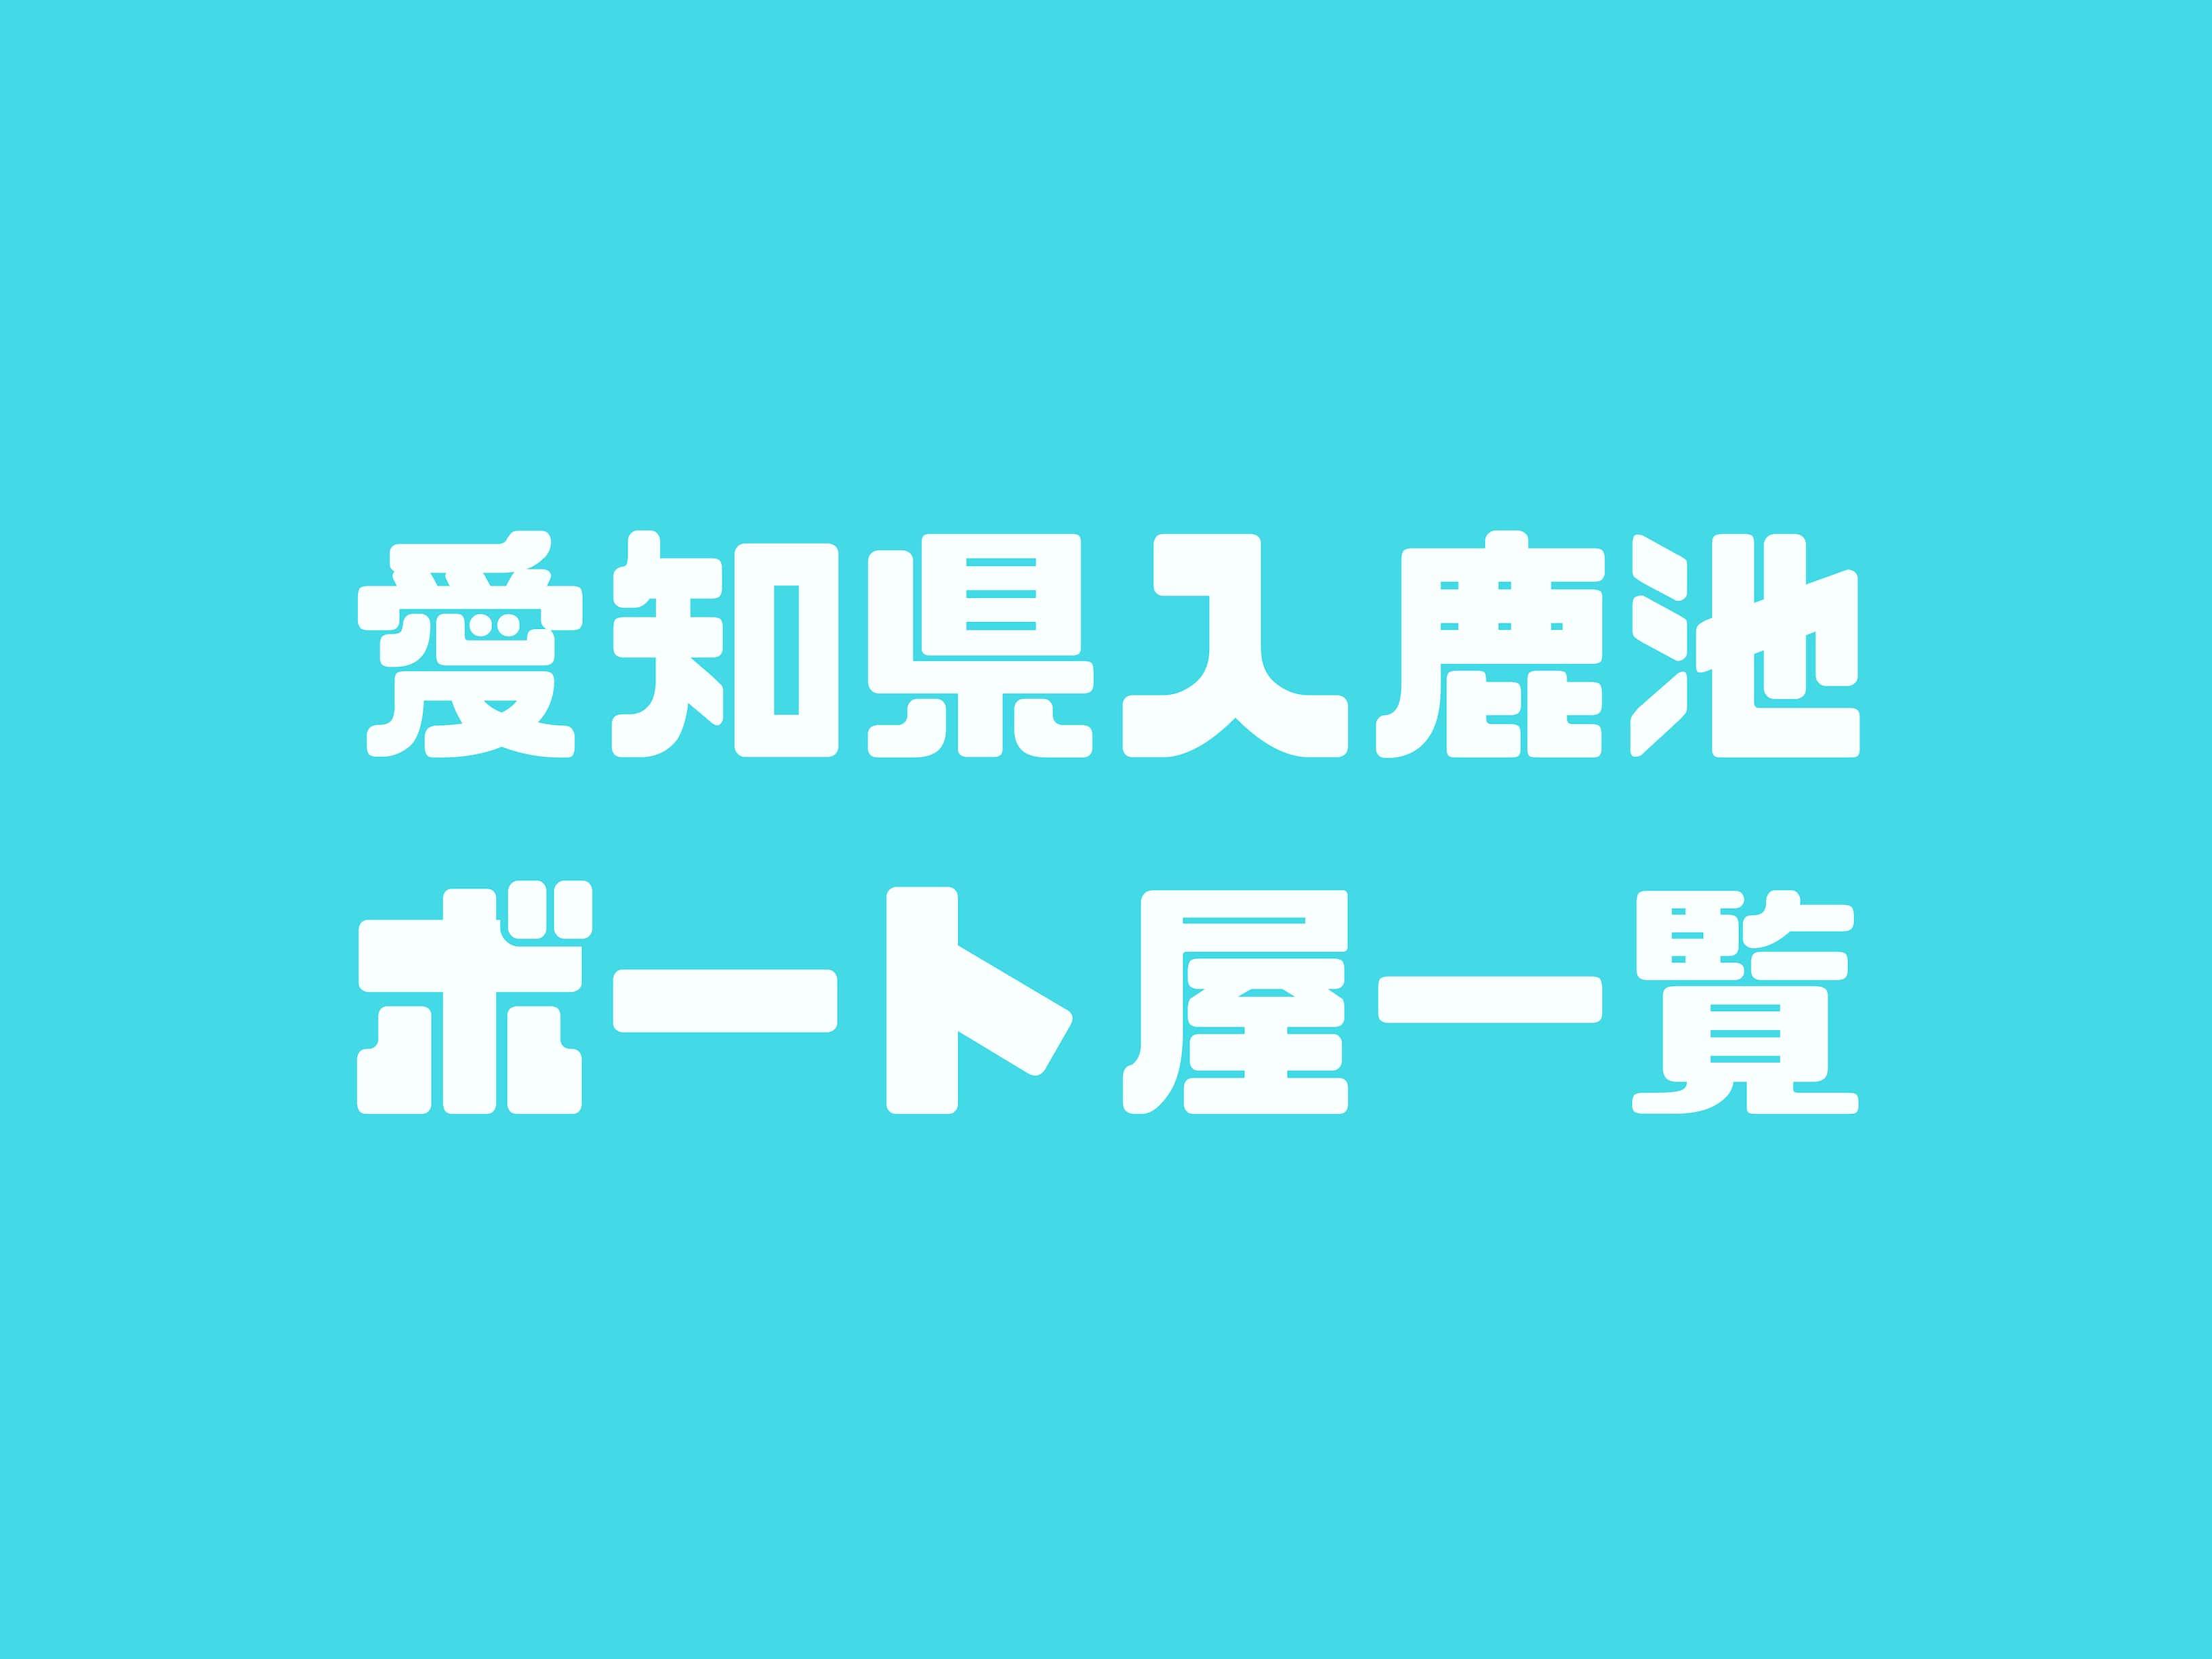 愛知県入鹿池ボート屋一覧